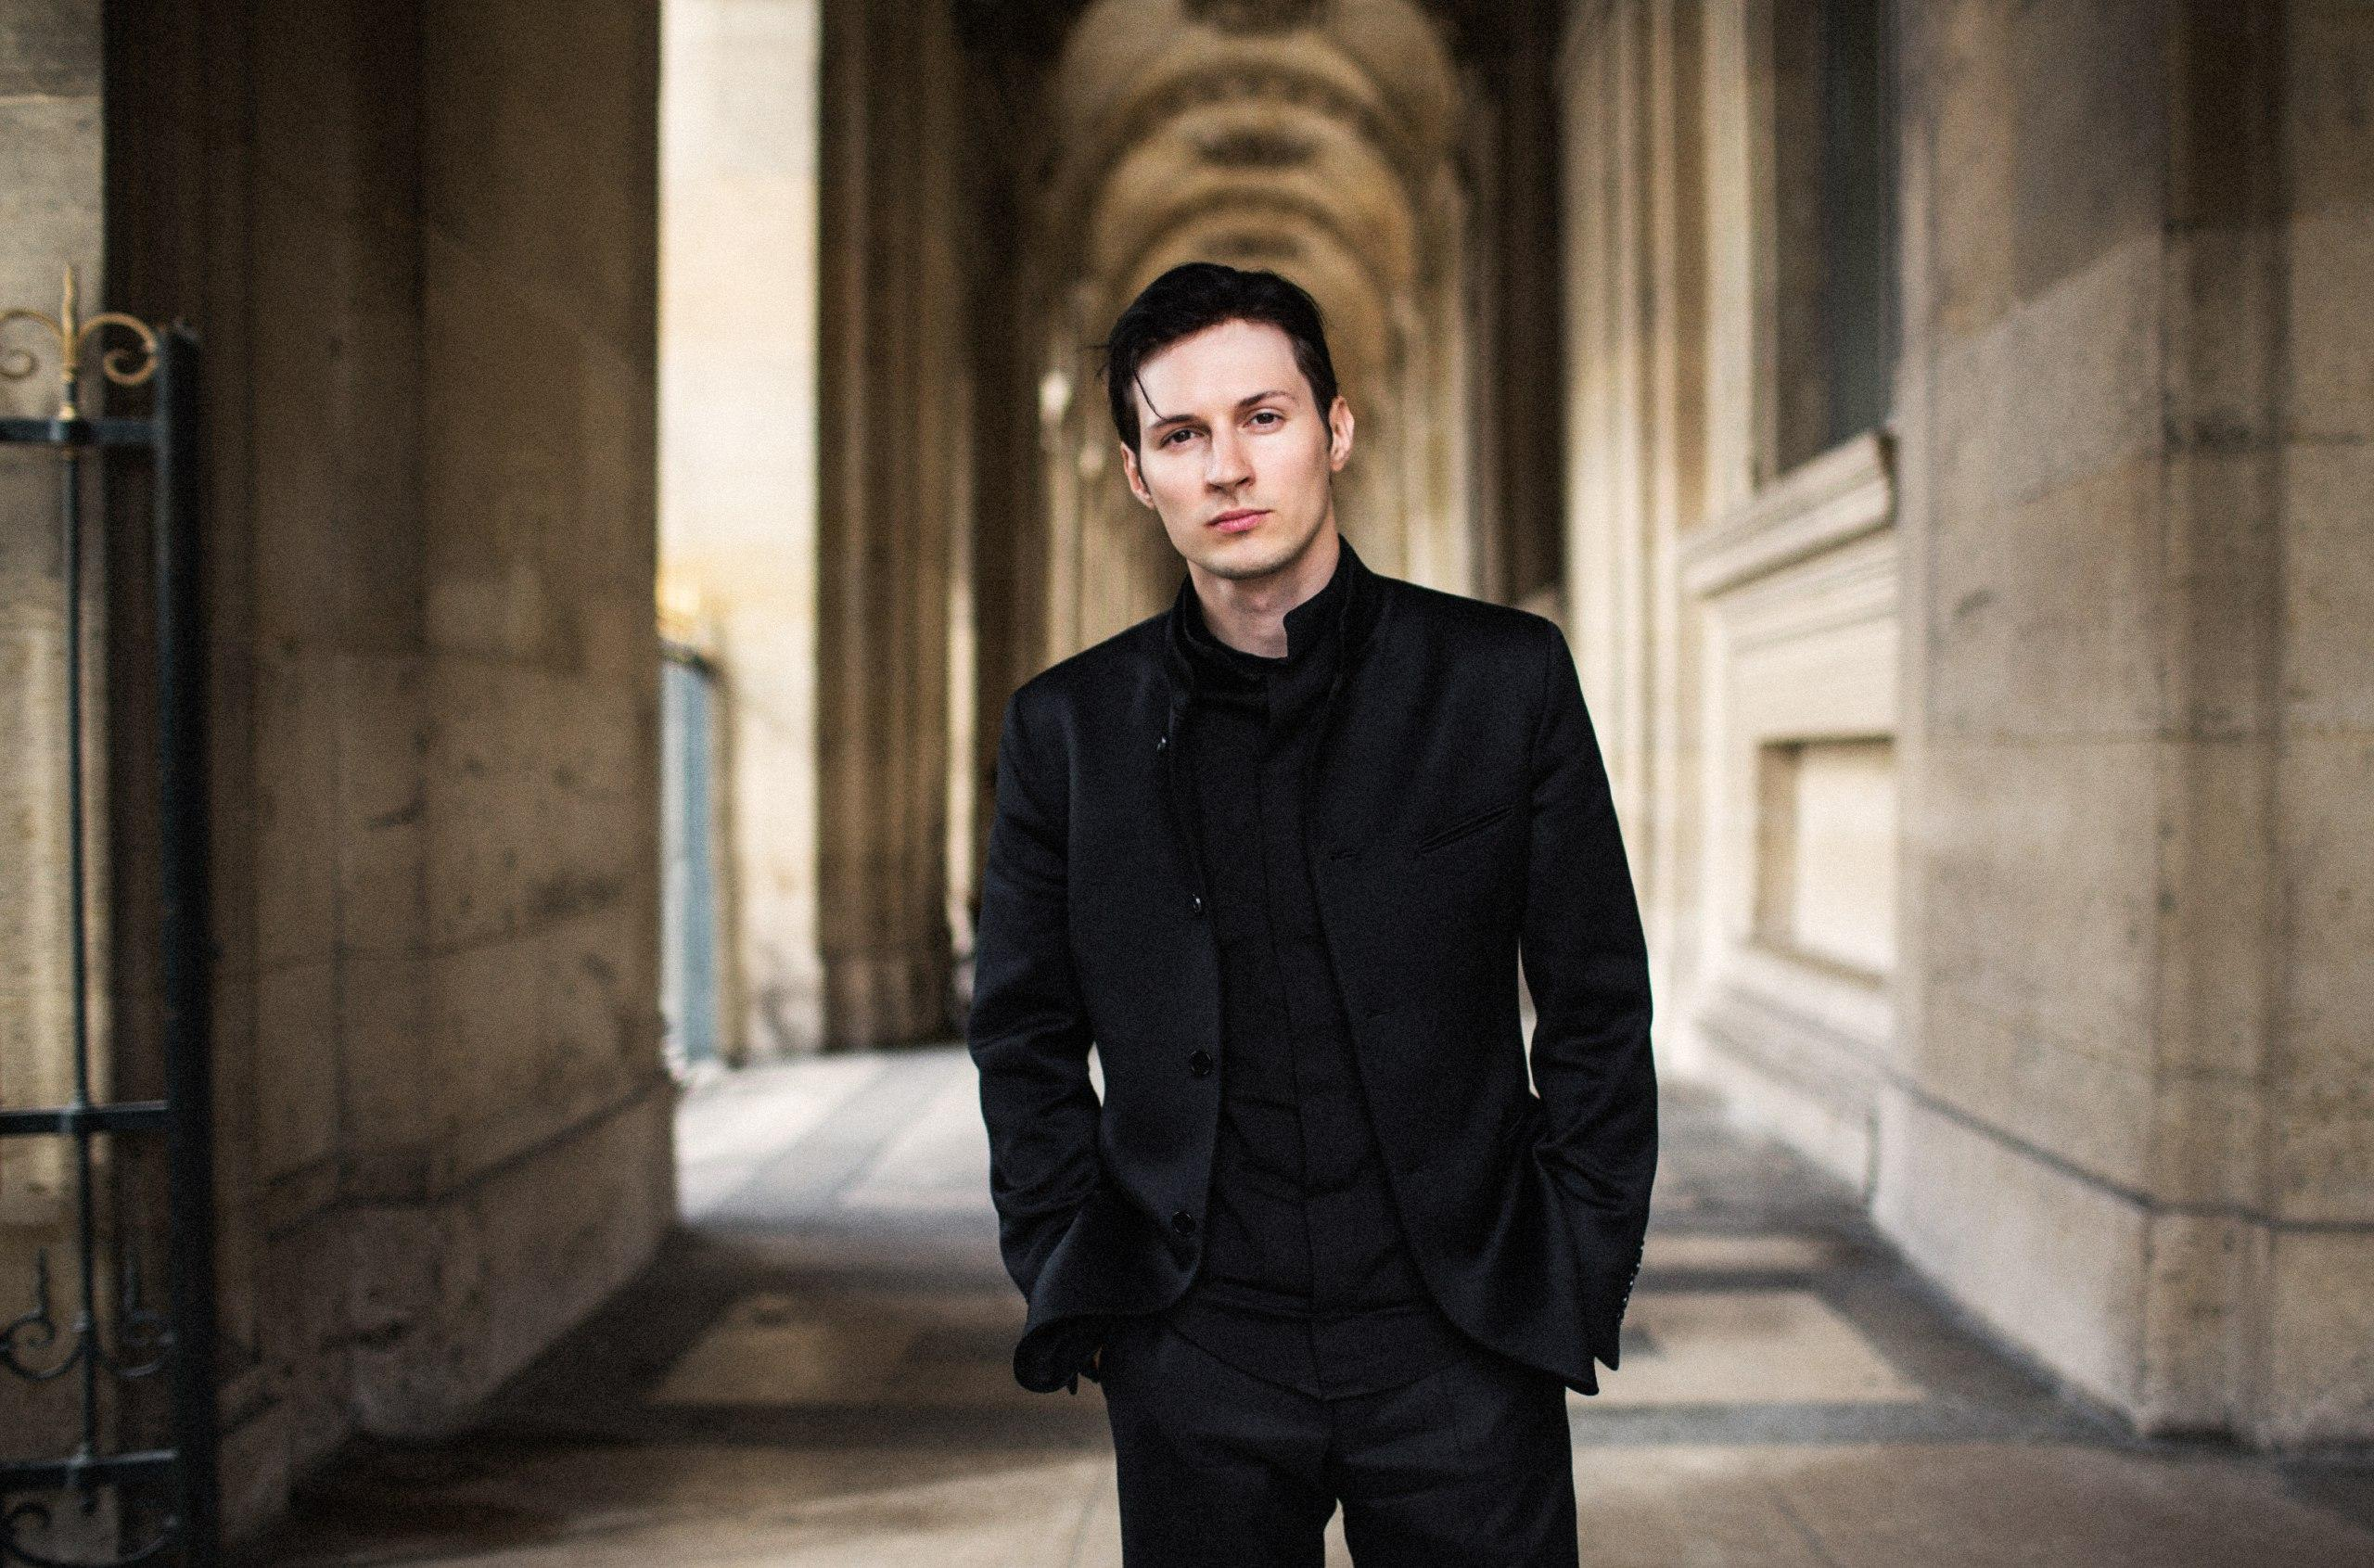 Павел Дуров не предполагал, что создаст лучшую площадку для спекуляции медицинскими масками на время пандемии. Фото ©vk.com/durov